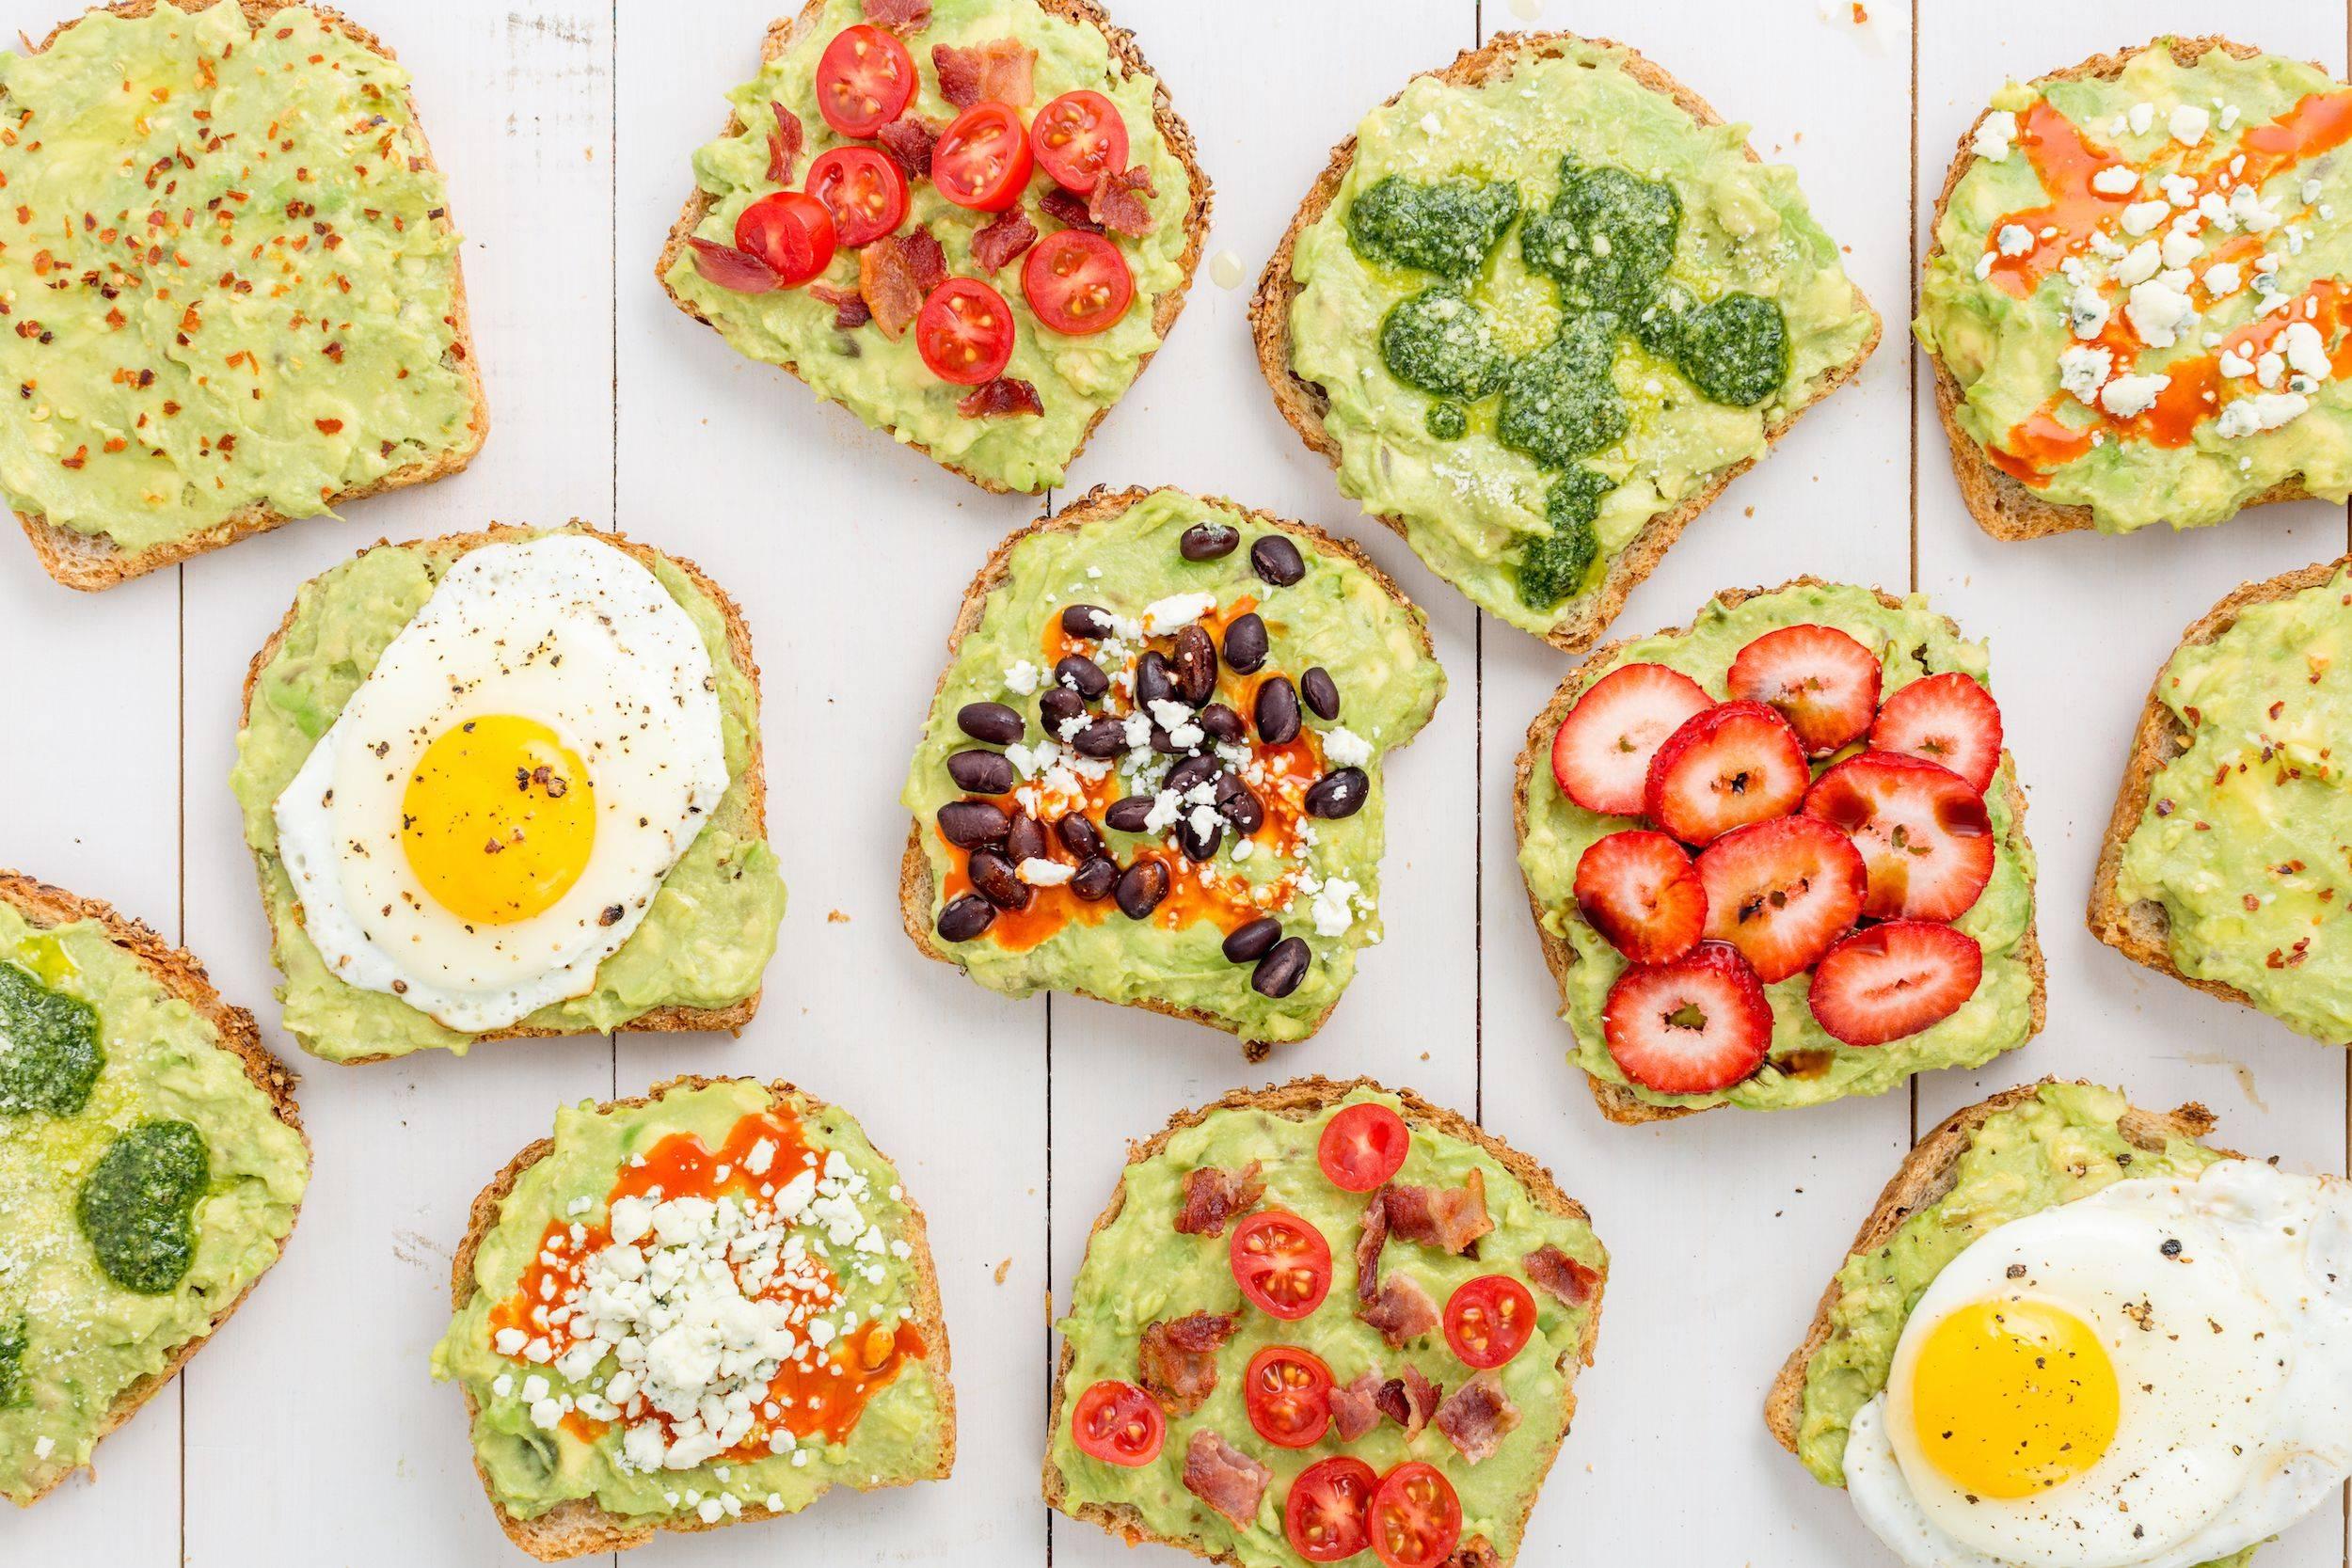 Avocado Toast Toppings Cheat Sheet